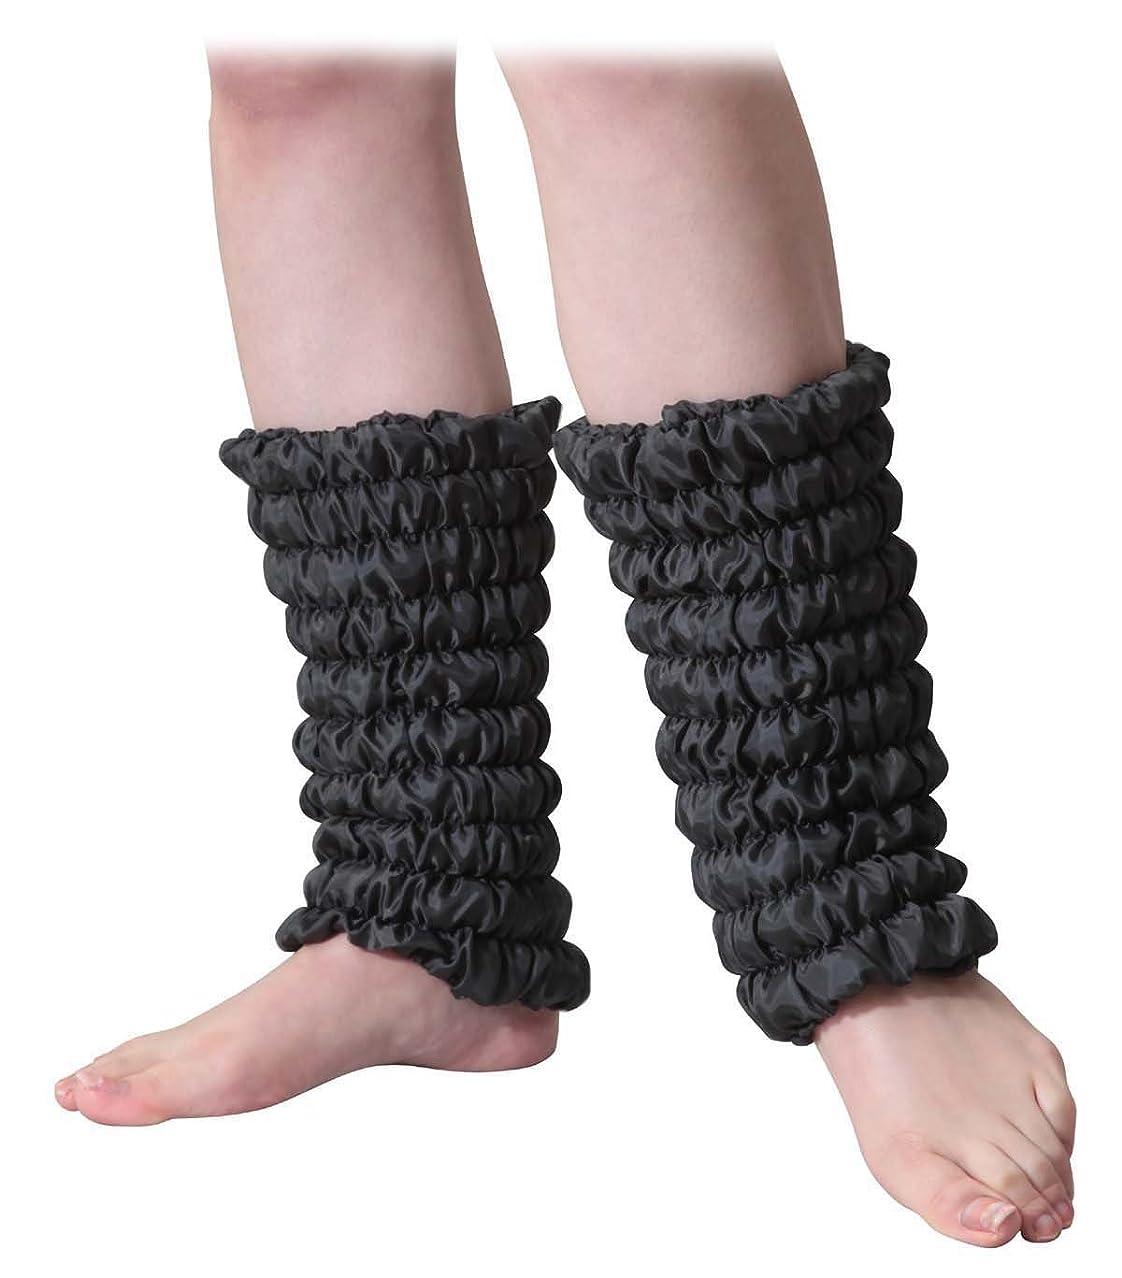 海外で低下天富士パックス販売 オーラ 蓄熱繊維 足湯気分 「 足首 岩盤浴 ウォーマー 」 ブラック